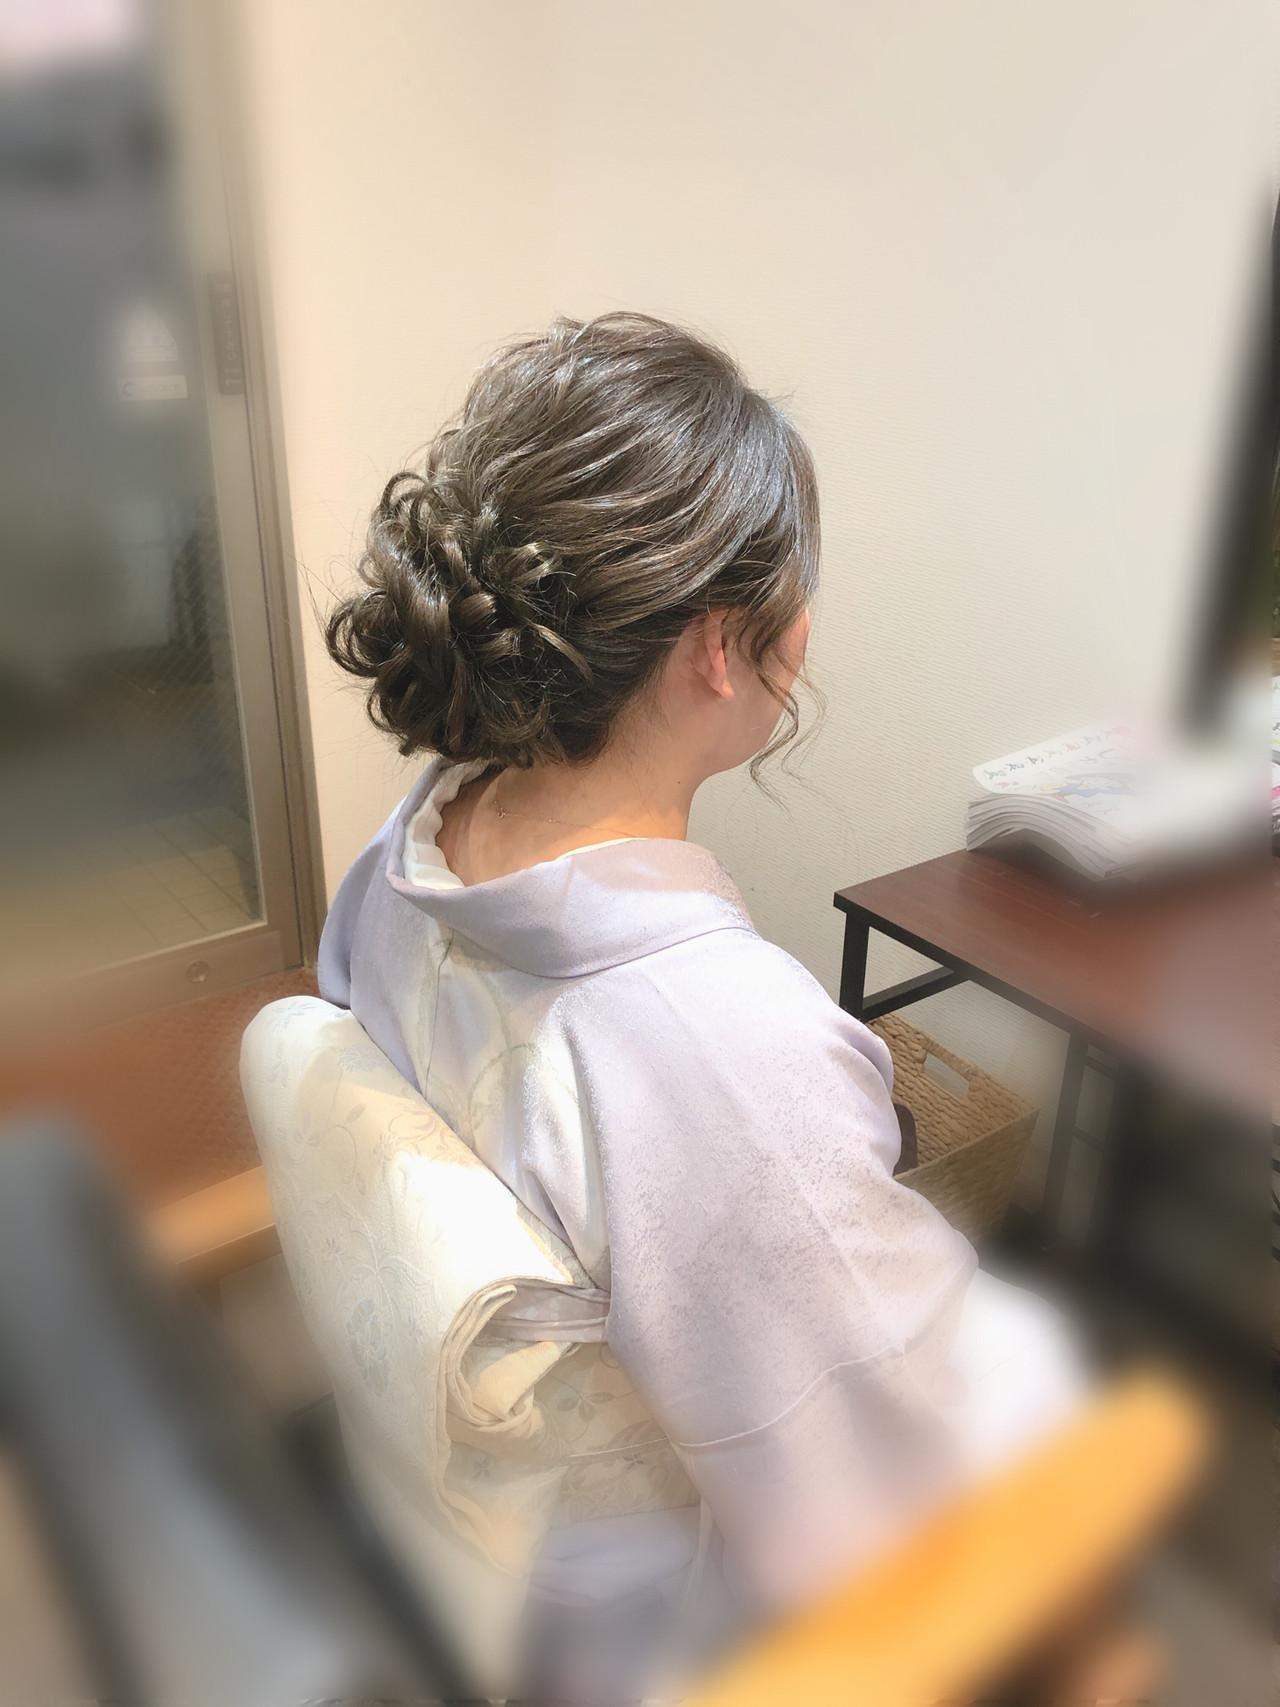 ヘアセット アップスタイル 和装 フェミニン ヘアスタイルや髪型の写真・画像 | mai / HAIR SALON STELLA